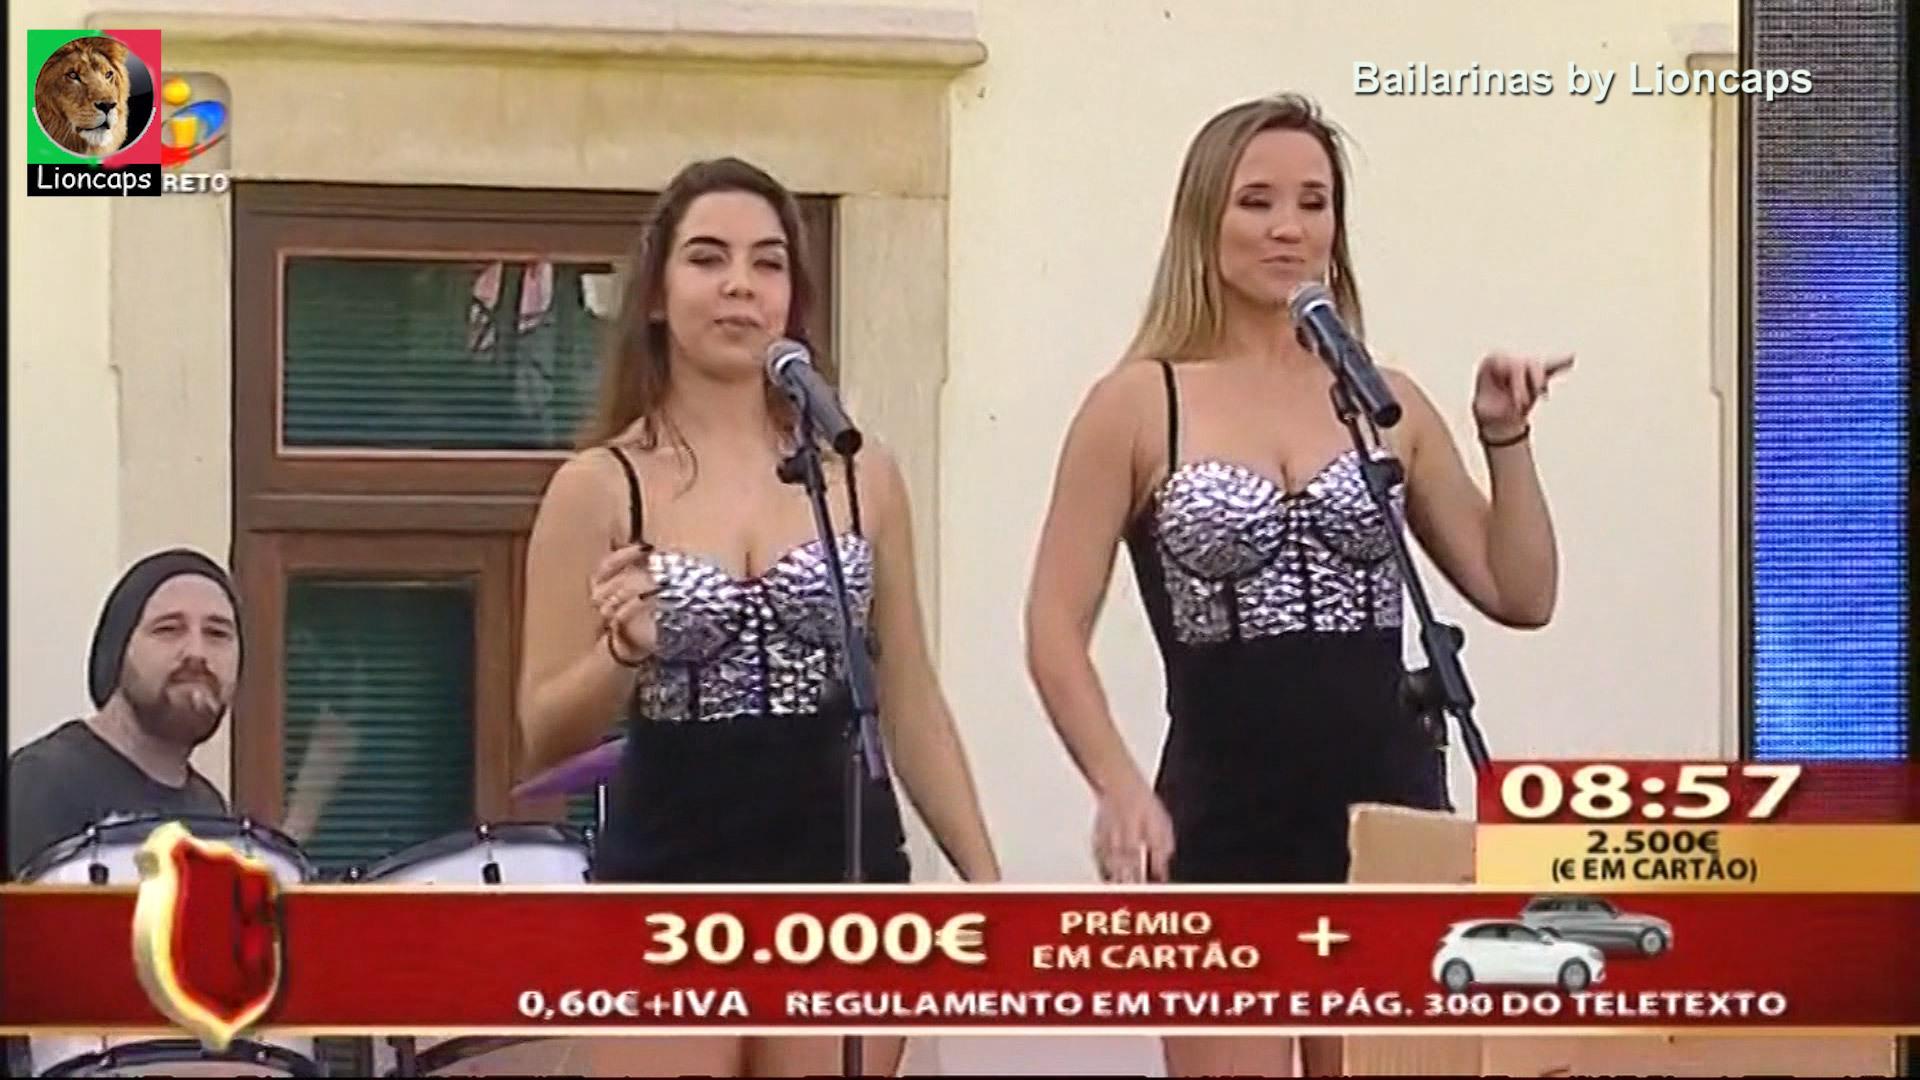 bailarinas (91).jpg